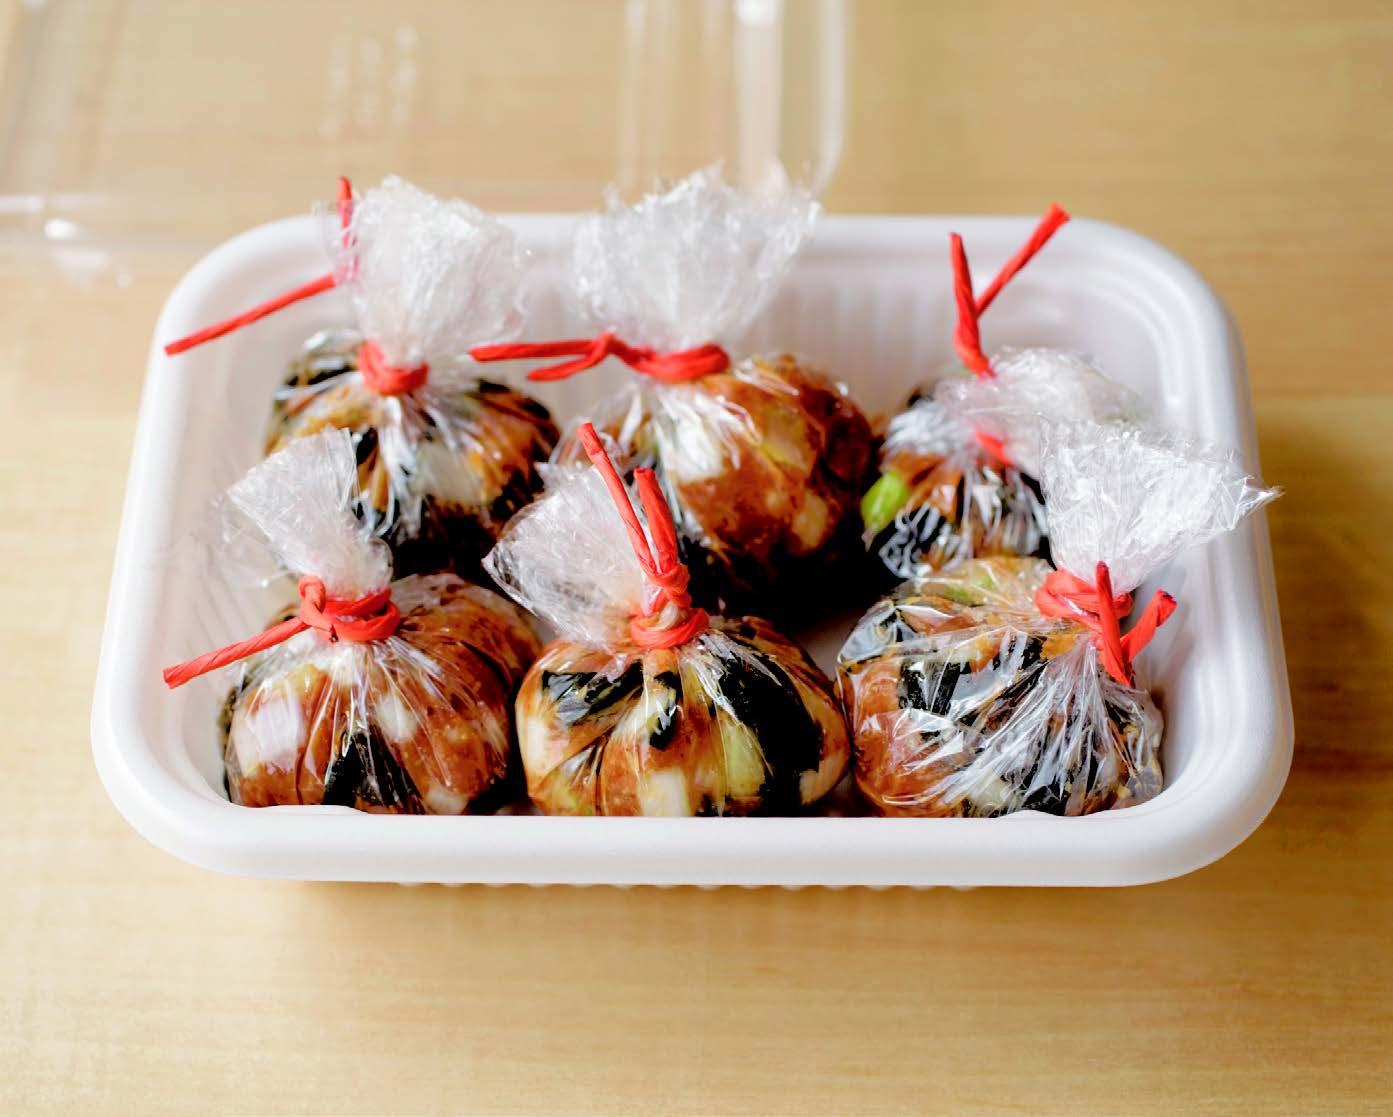 「お湯を注ぐだけでお味噌汁」のスグレモノ♪「みそ玉」レシピ